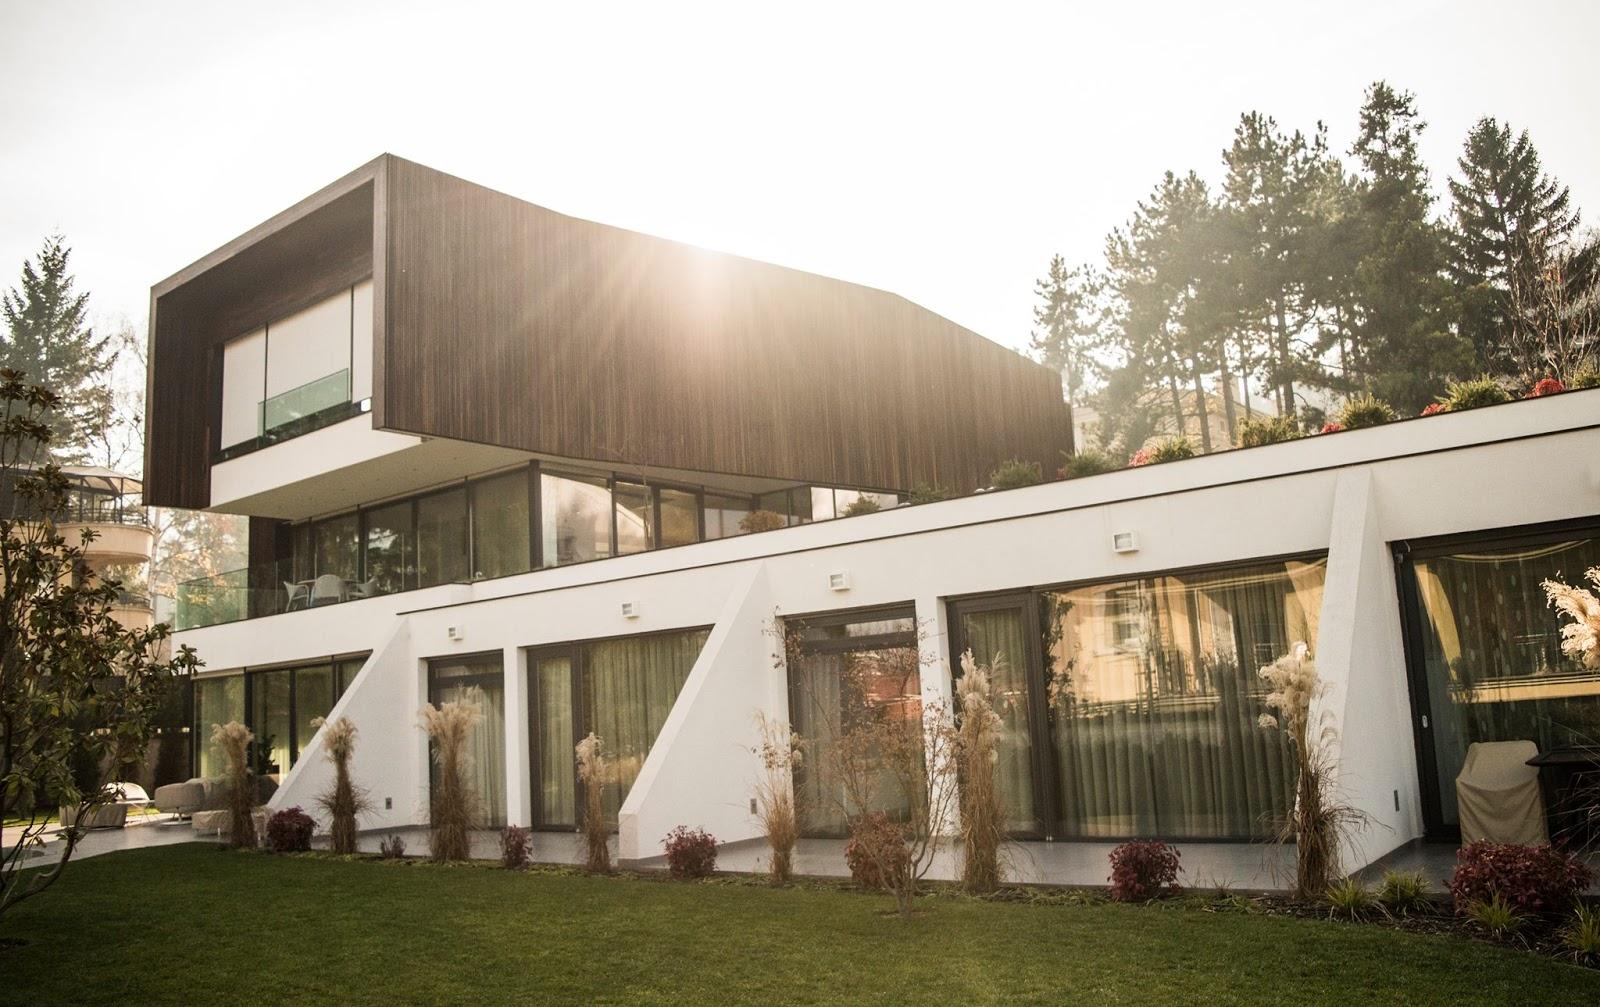 haus auf vodno bekommt architektur preis 2015 neues aus mazedonien. Black Bedroom Furniture Sets. Home Design Ideas